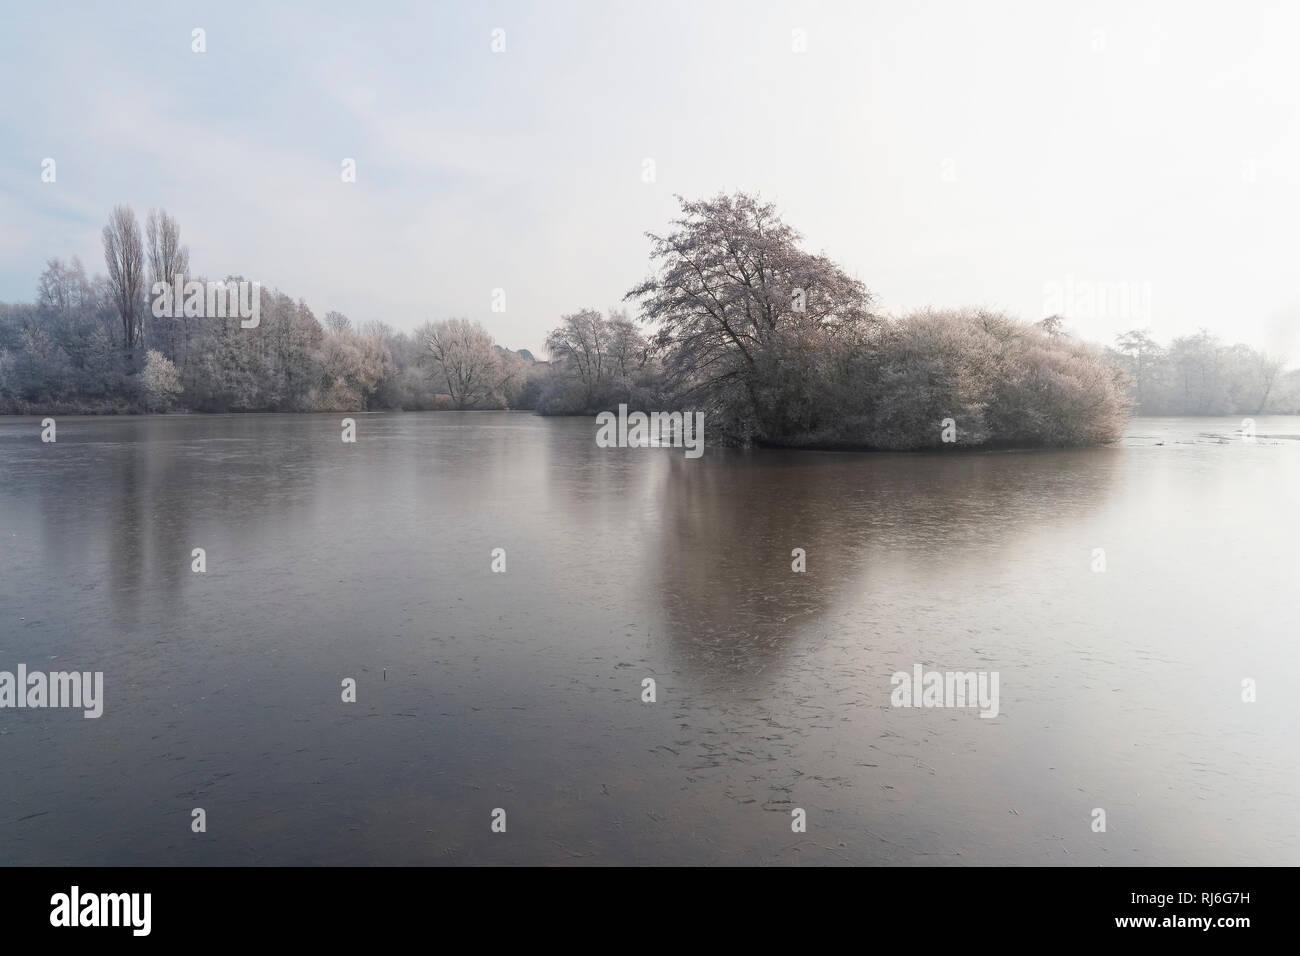 Über einen kleinen zugefrorenen See an einem kalten, nebligen Morgen, zu einer kleinen Insel von Frost bedeckt Bäume und Sträucher Stockbild